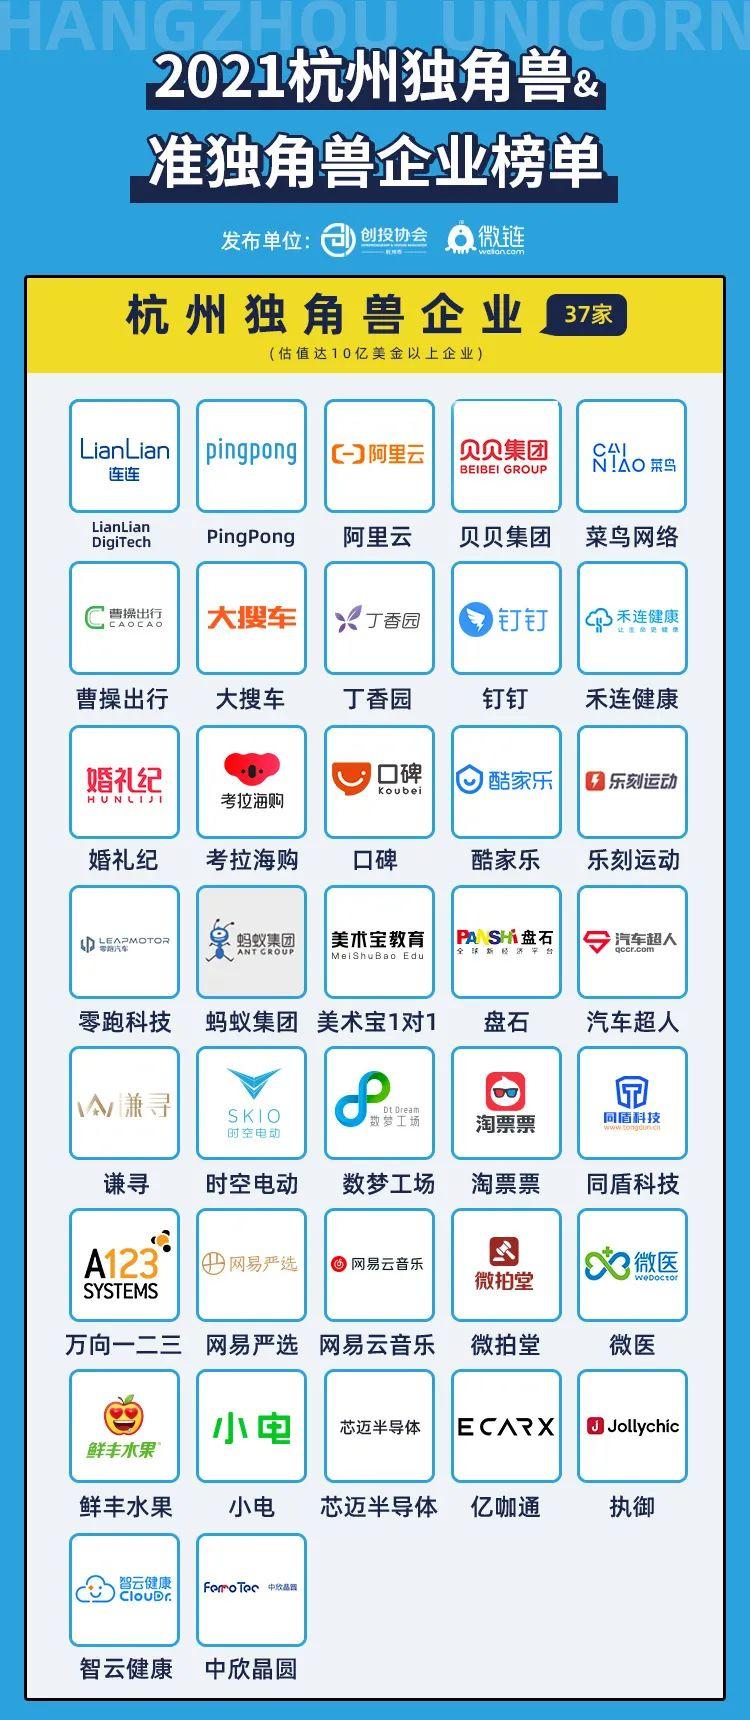 凡闻科技再次入选杭州人工智能领域准独角兽企业榜单